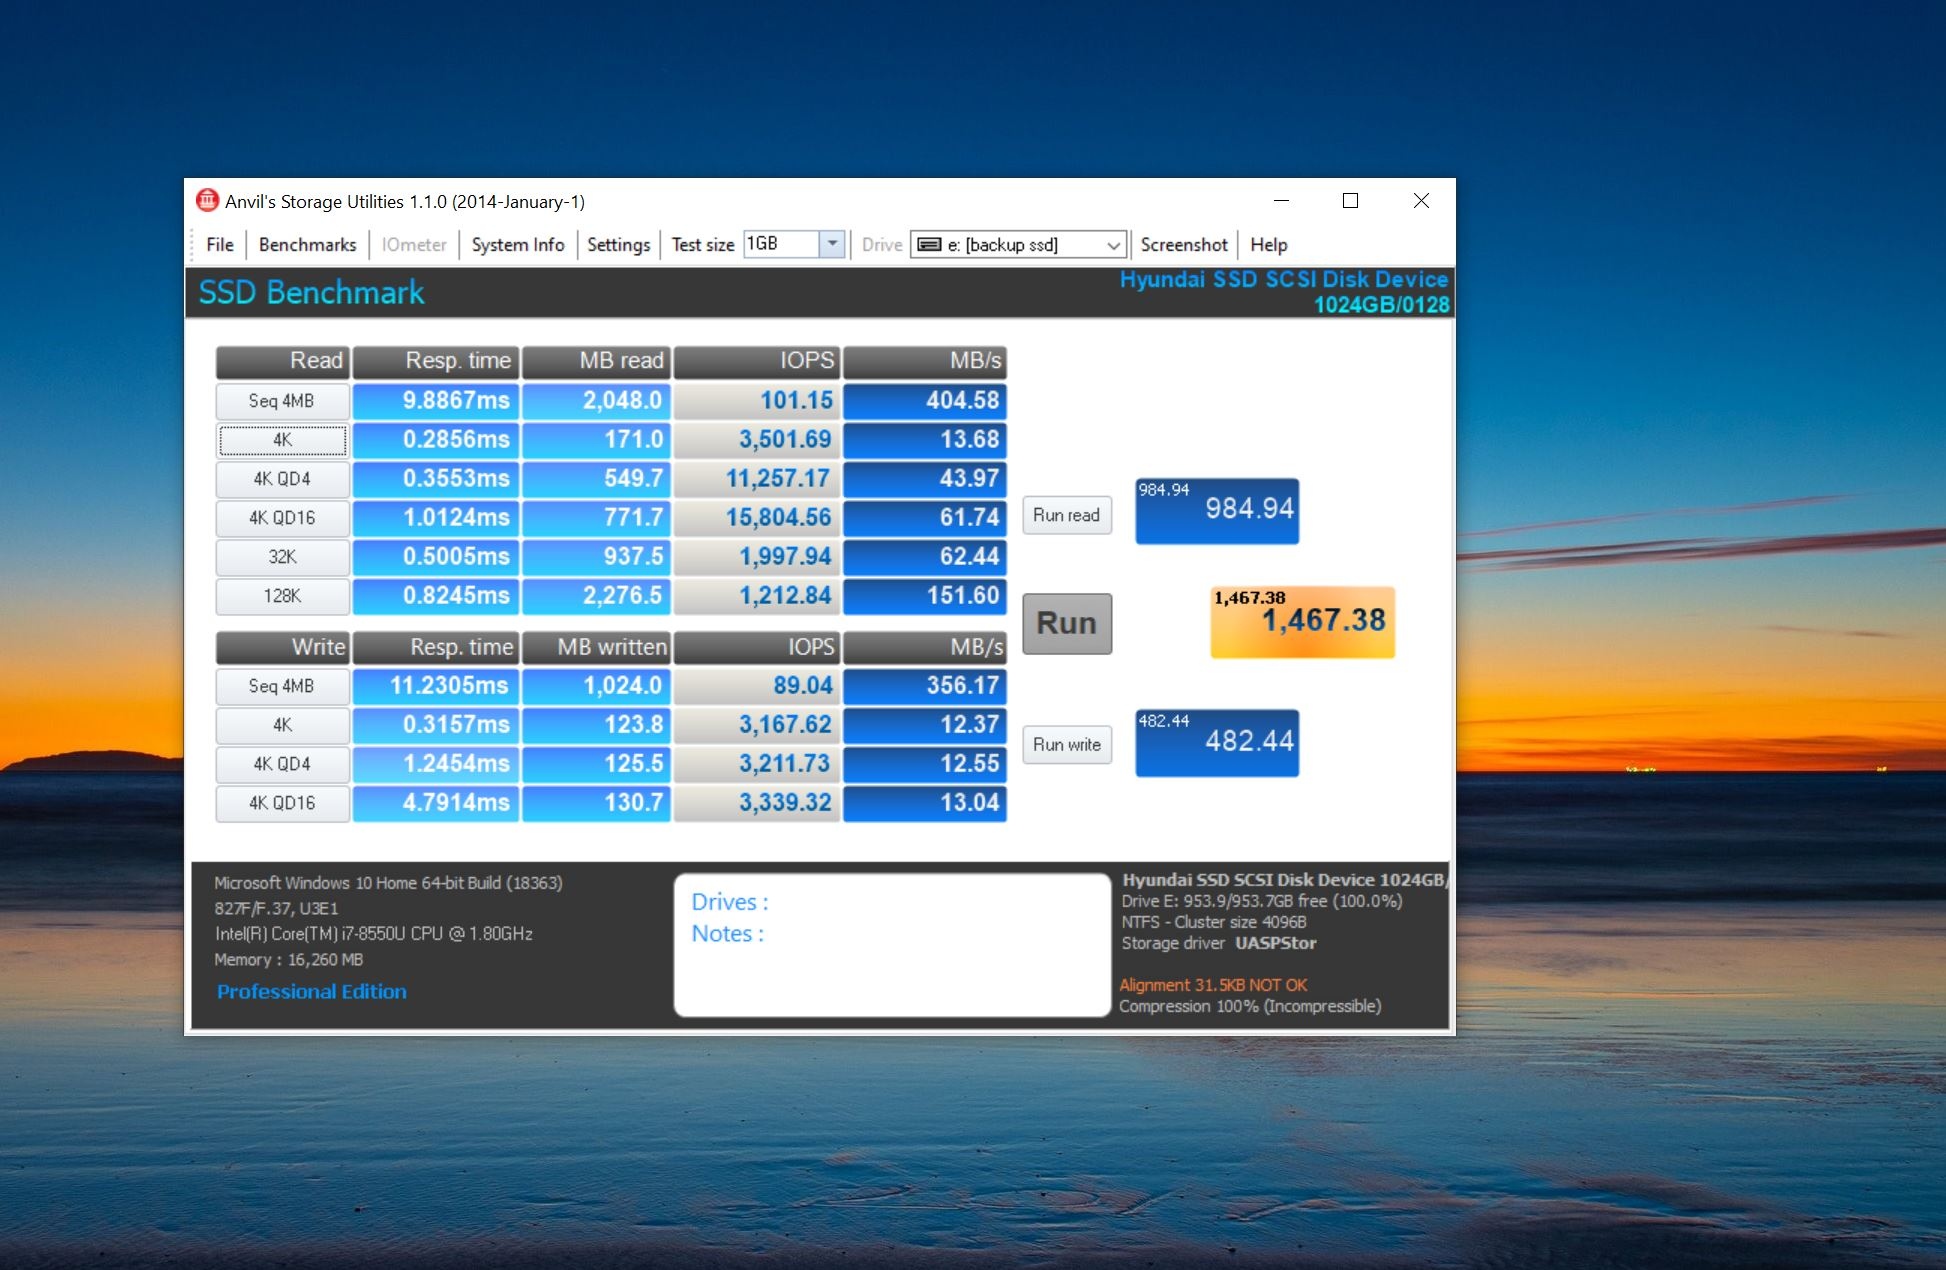 بررسی باکس Thunderbolt 3 NVME M.2 SSD و درایو NVME M.2 SSD V500 جدید شرکت Orico